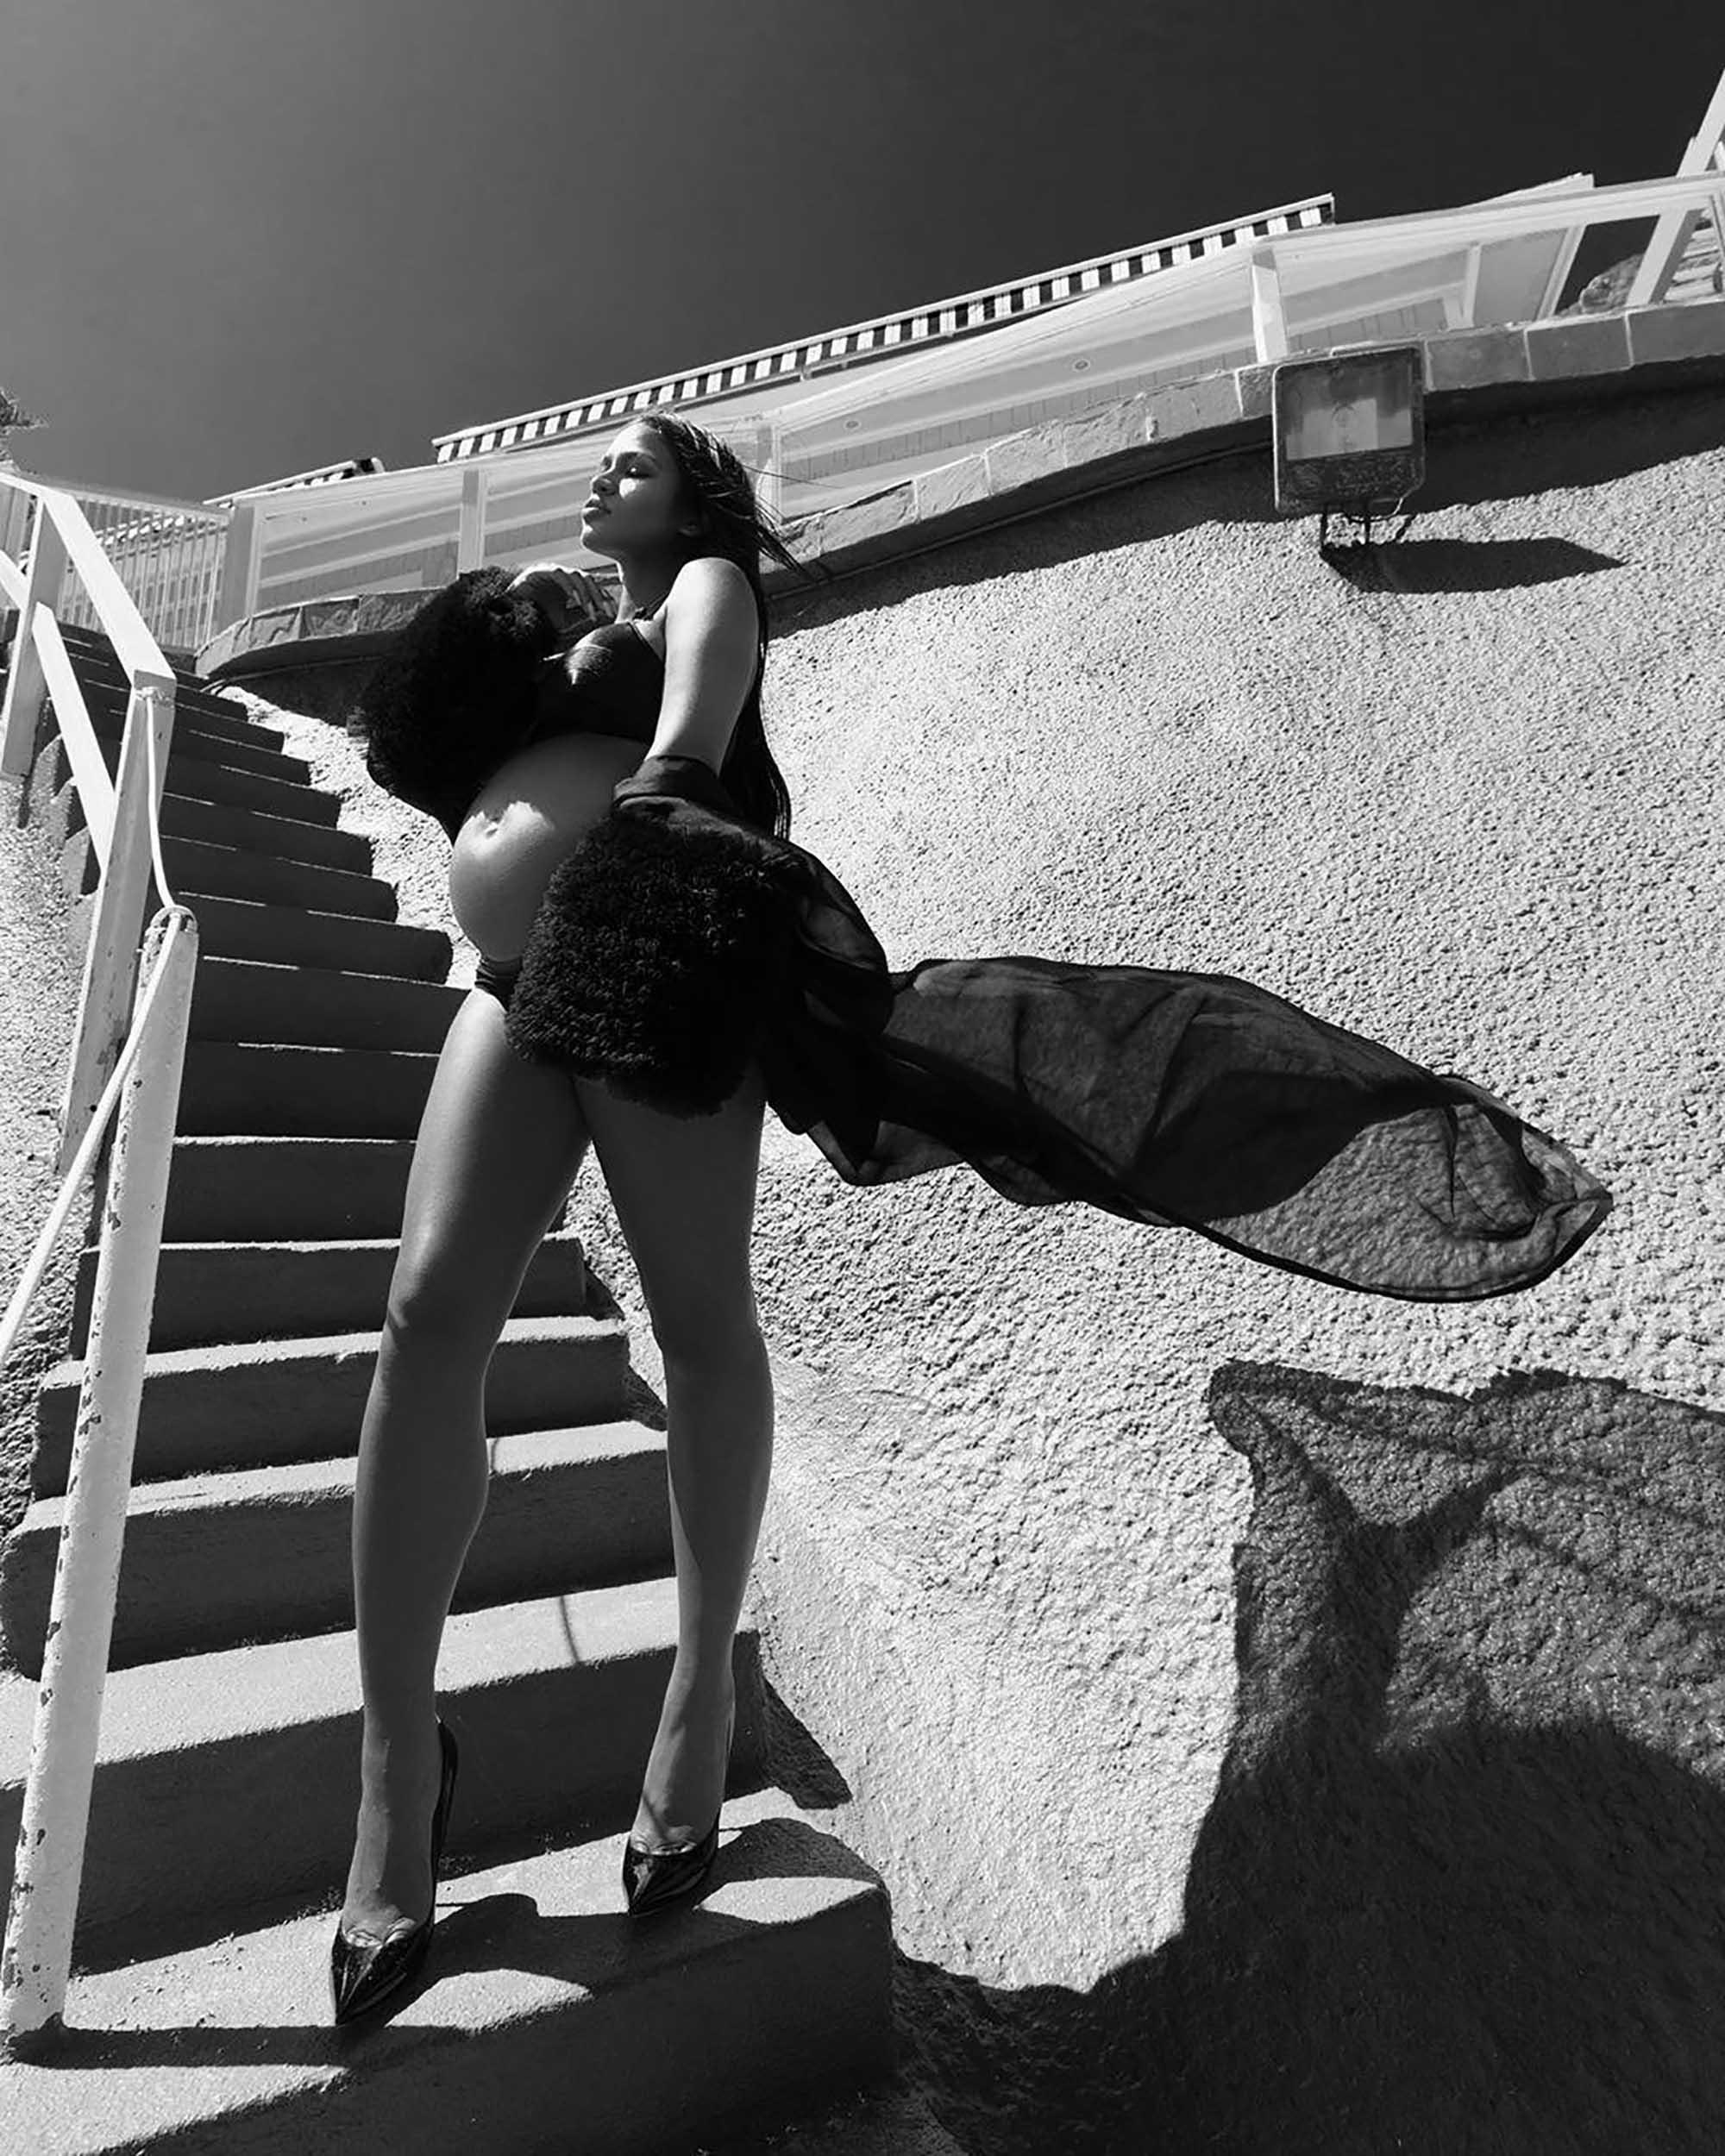 הזמרת קאסי בשמלת אורגנזה משי של אלון ליבנה ספטמבר 2019 צילום יחצ חול